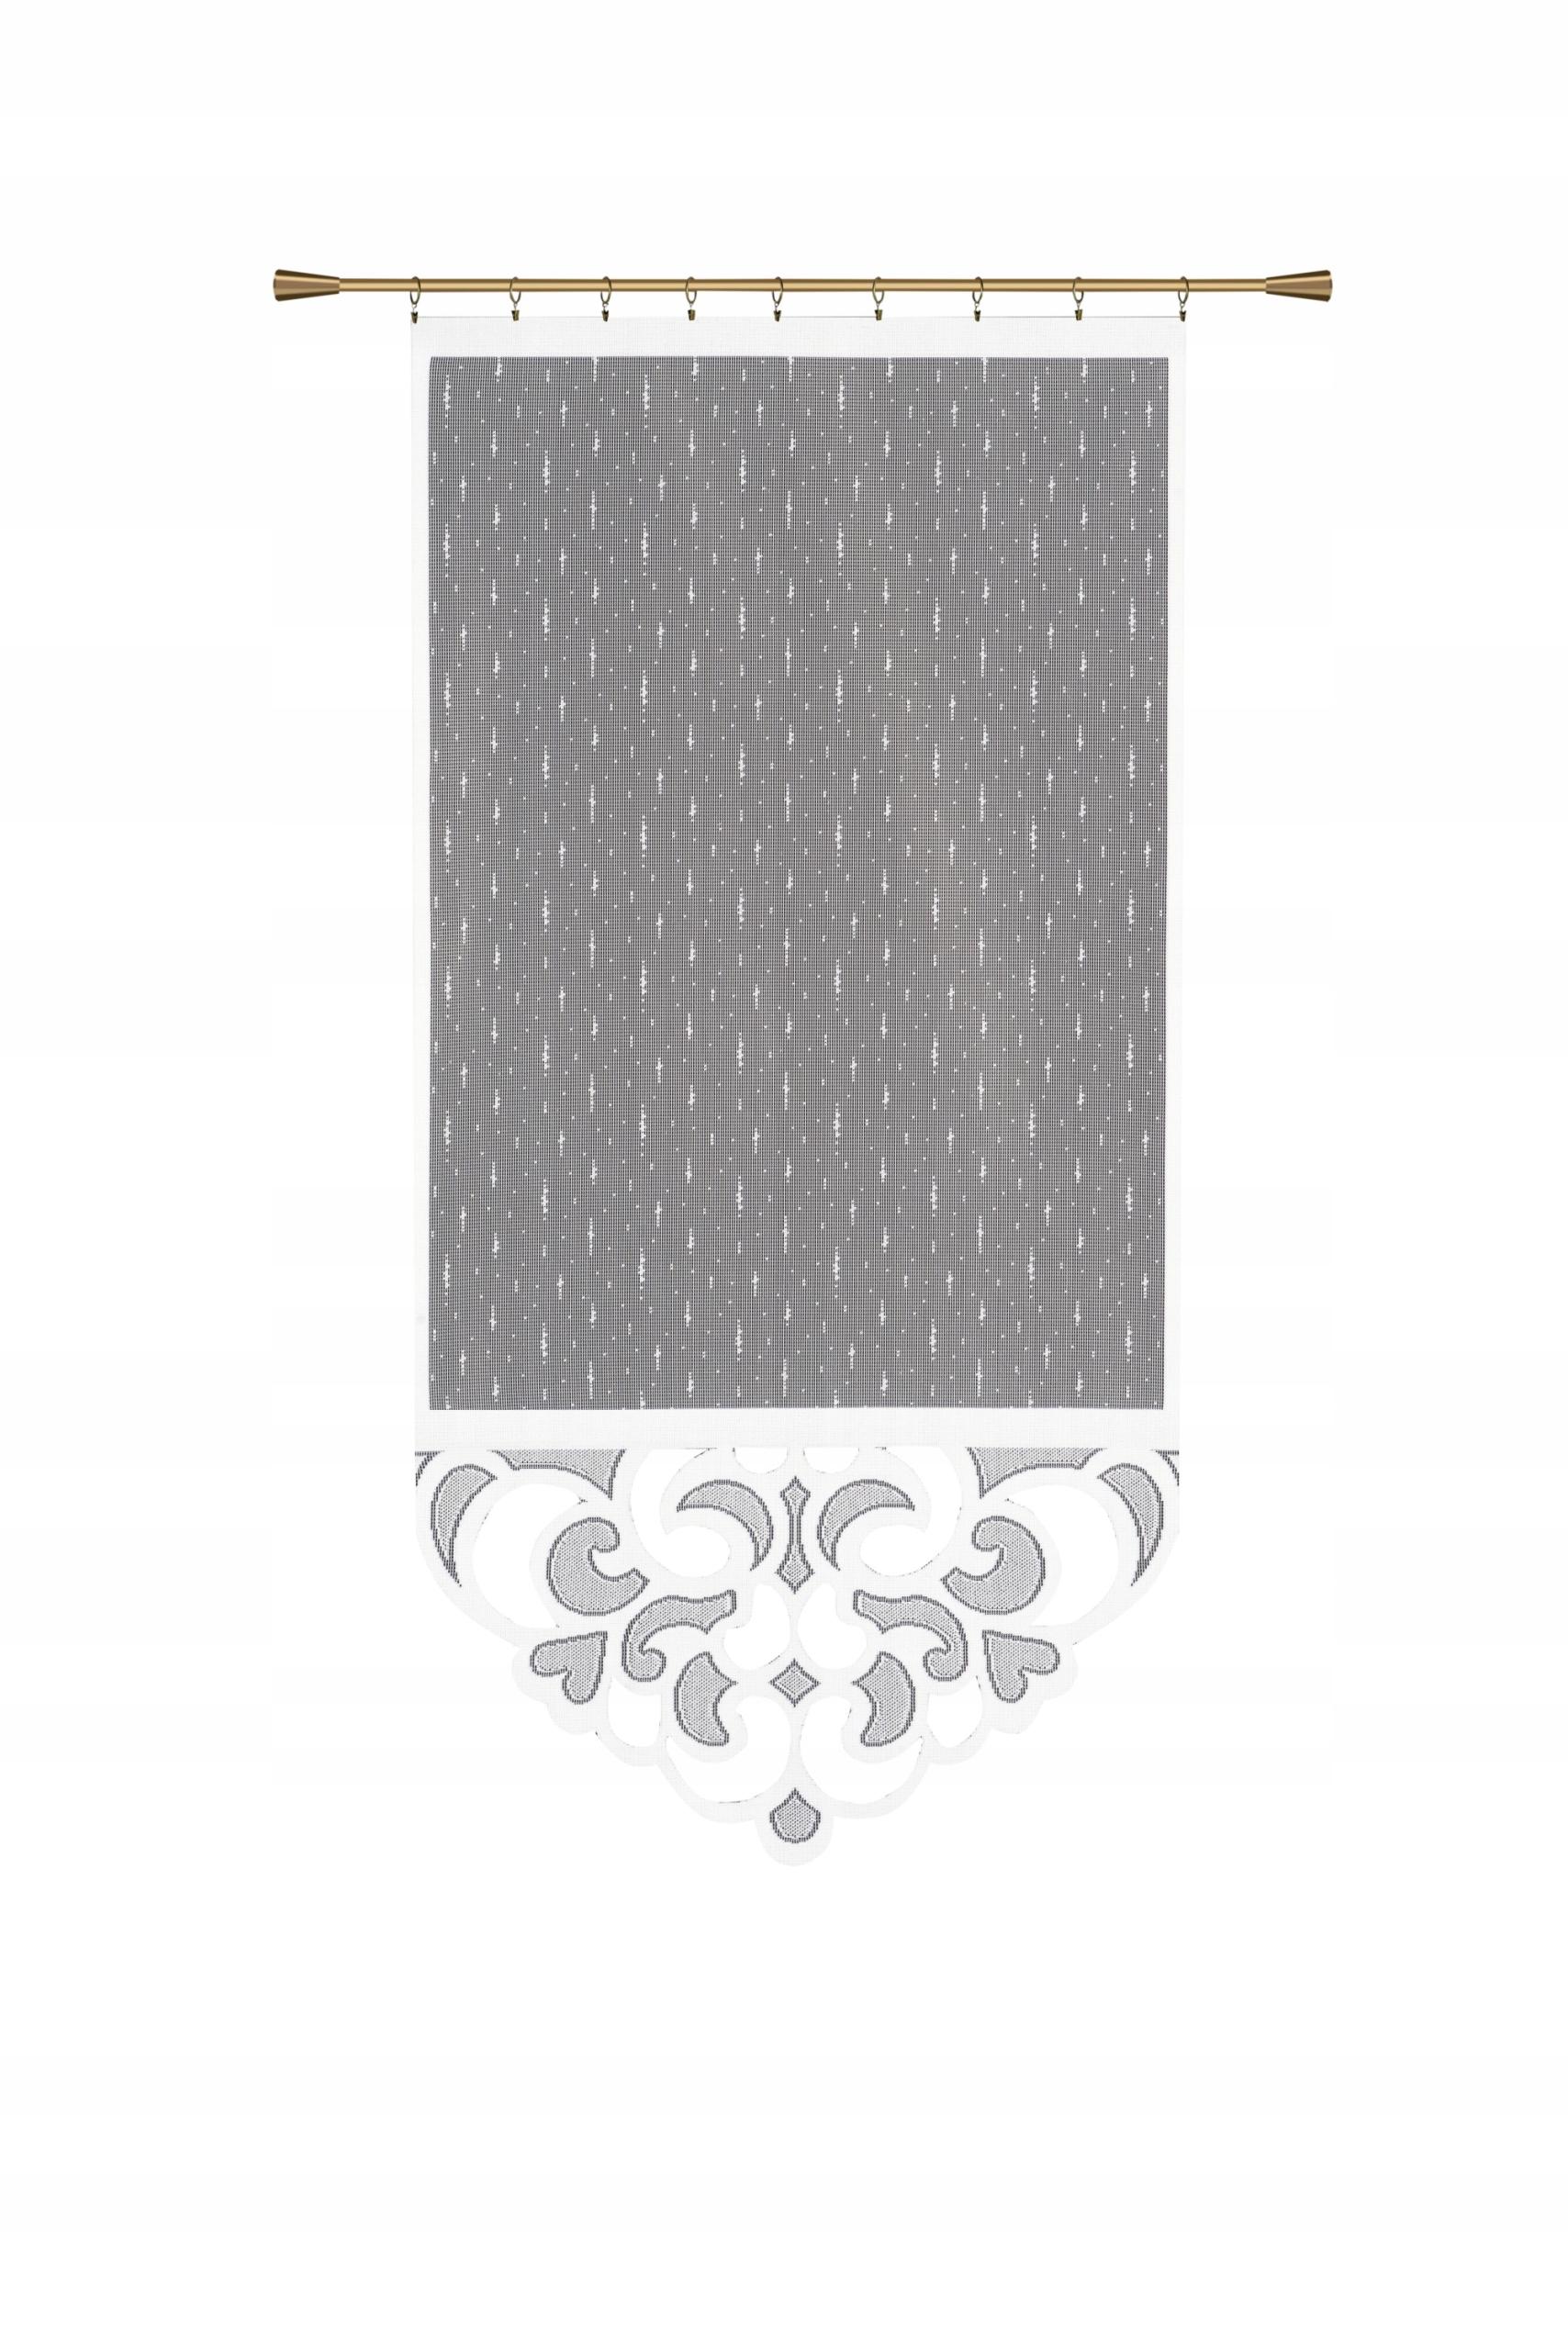 Gotowe Panele żakardowe Białe 60x120 Cm Wykończone